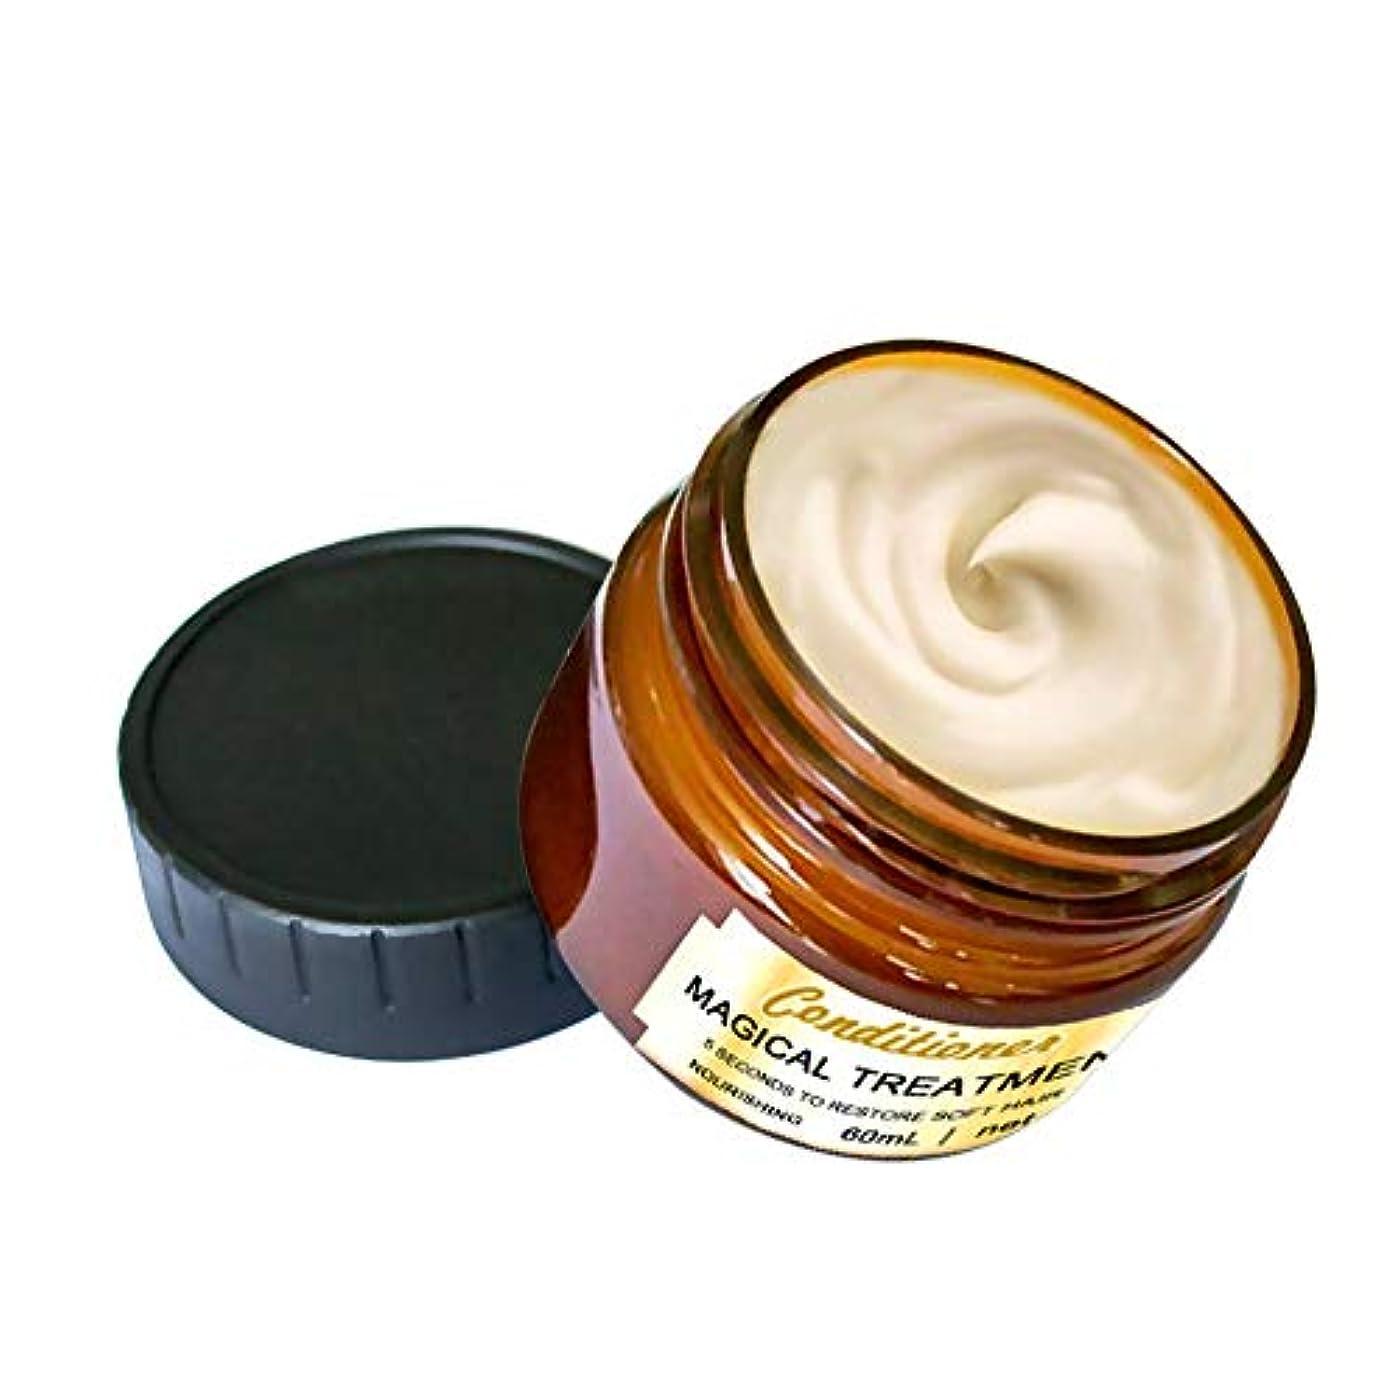 コンディショナー ヘアケアコンディショナー ヘアデトキシファイングヘアマスク 高度な分子 毛根治療の回復 乾燥または損傷した髪と頭皮の治療のための髪の滑らかなしなやか (A 60 ml)